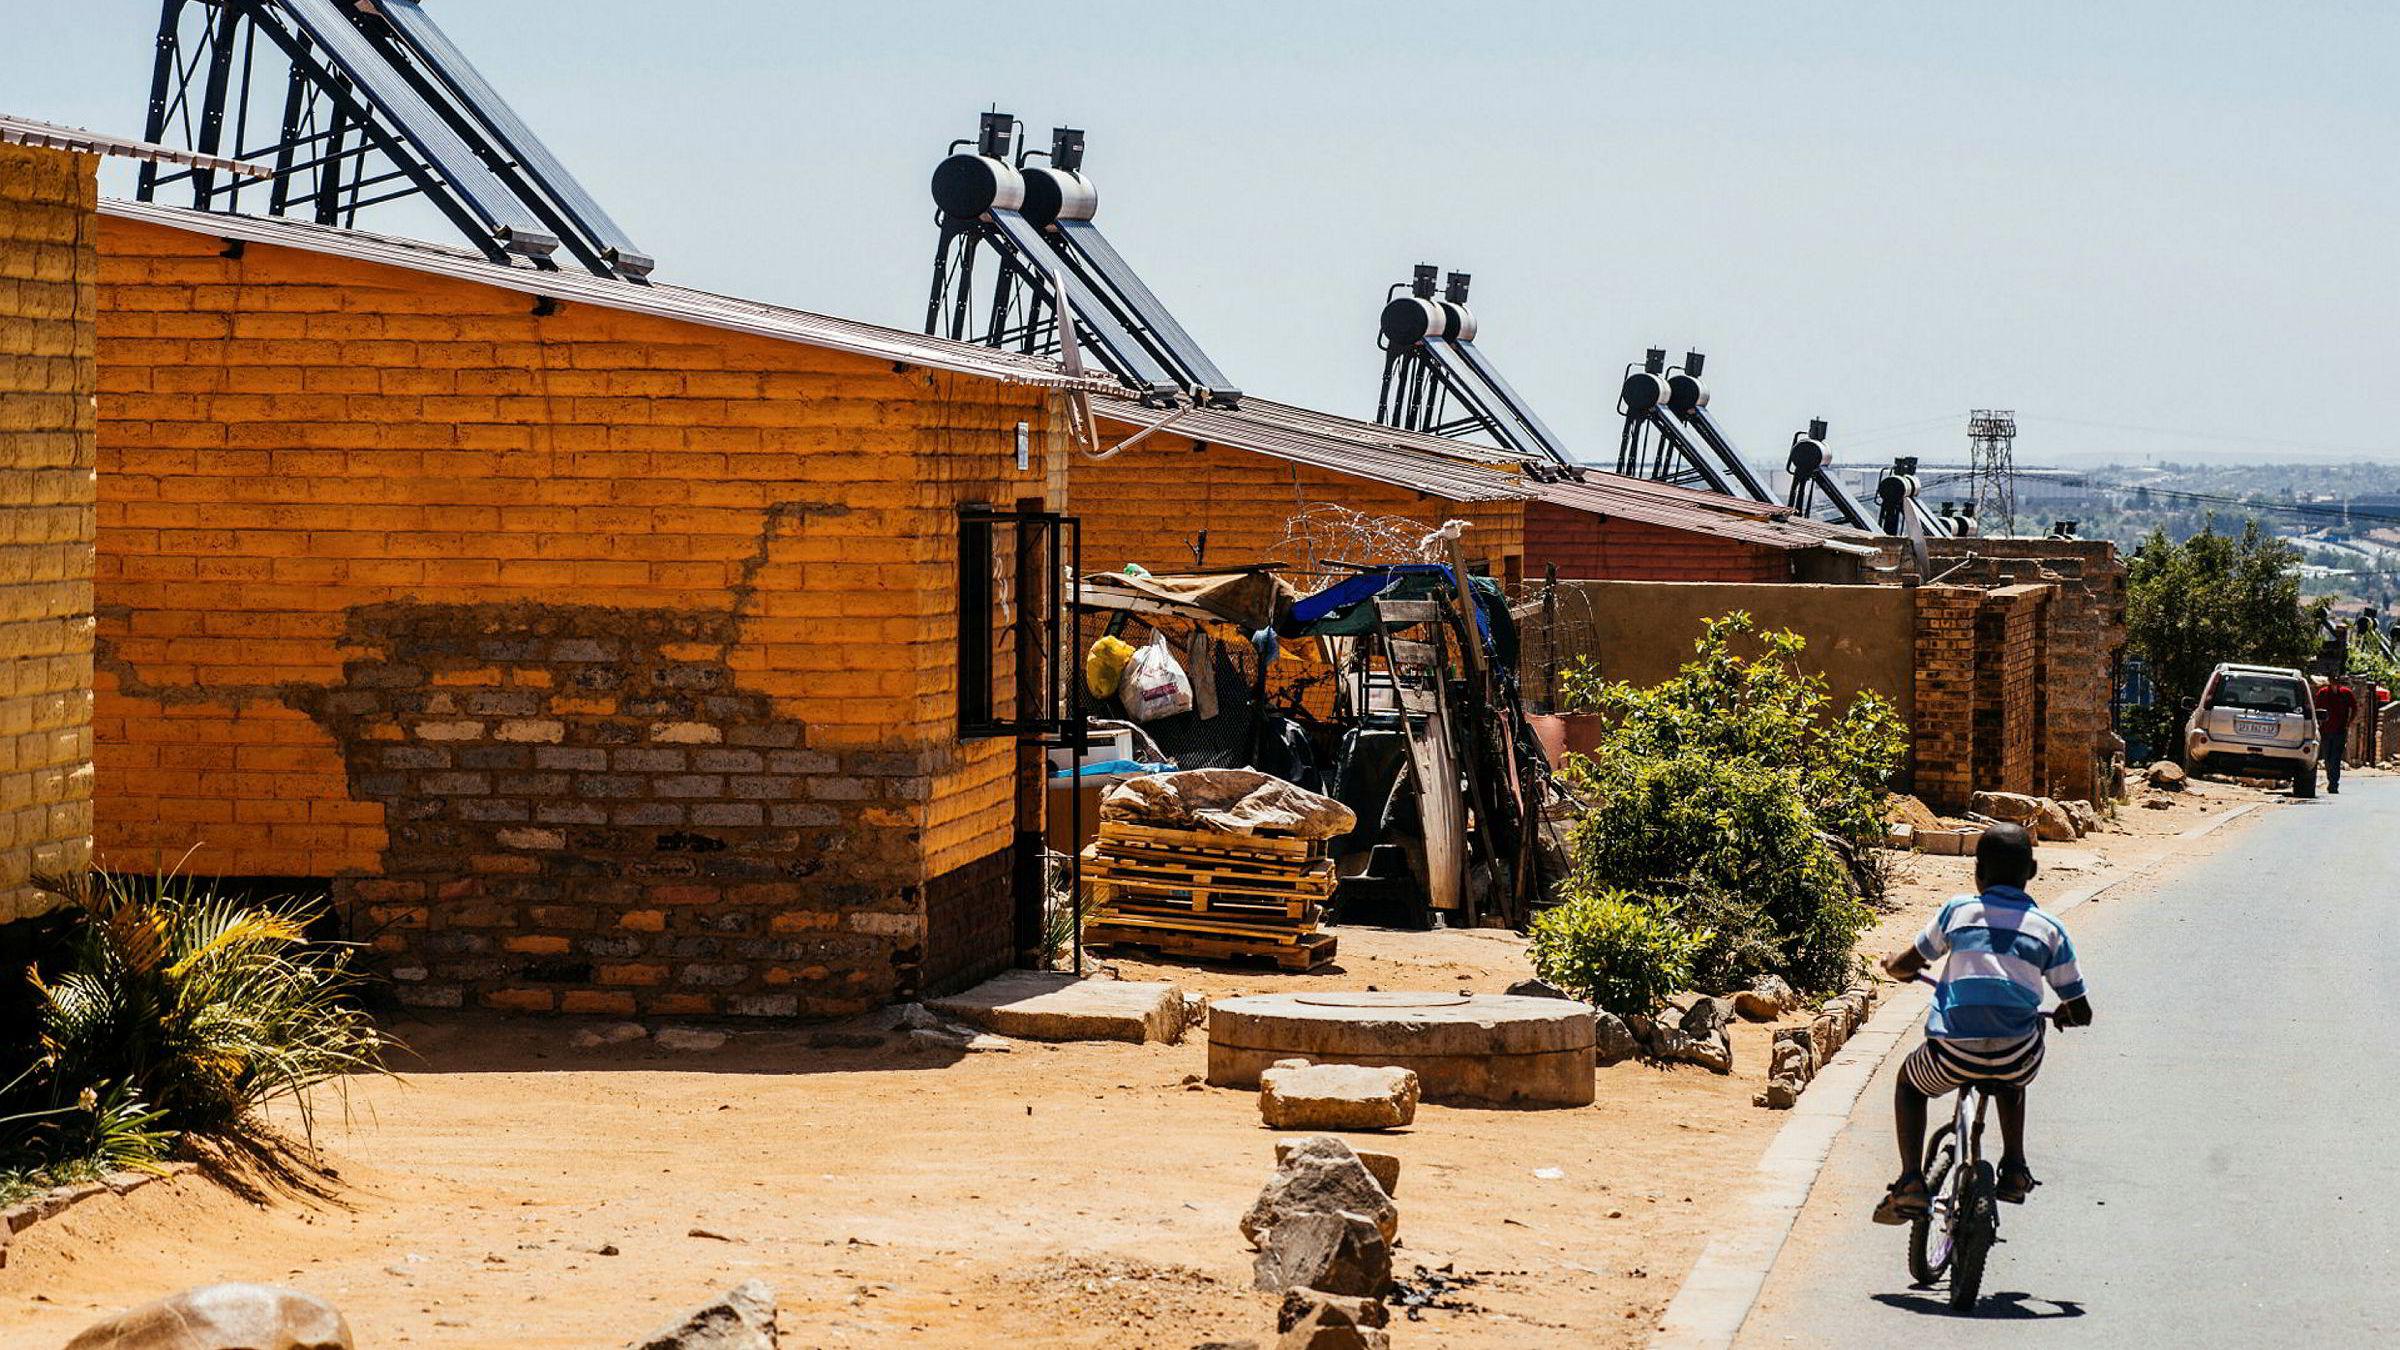 . Jeg kjenner i dag ikke til noen norsk bank som er villig til å låne til solkraftprosjekter i Afrika, sier forfatteren. Her er solcellepaneler på hustak i bydelen Alexandra, utenfor Johannesburg i Sør-Afrika.